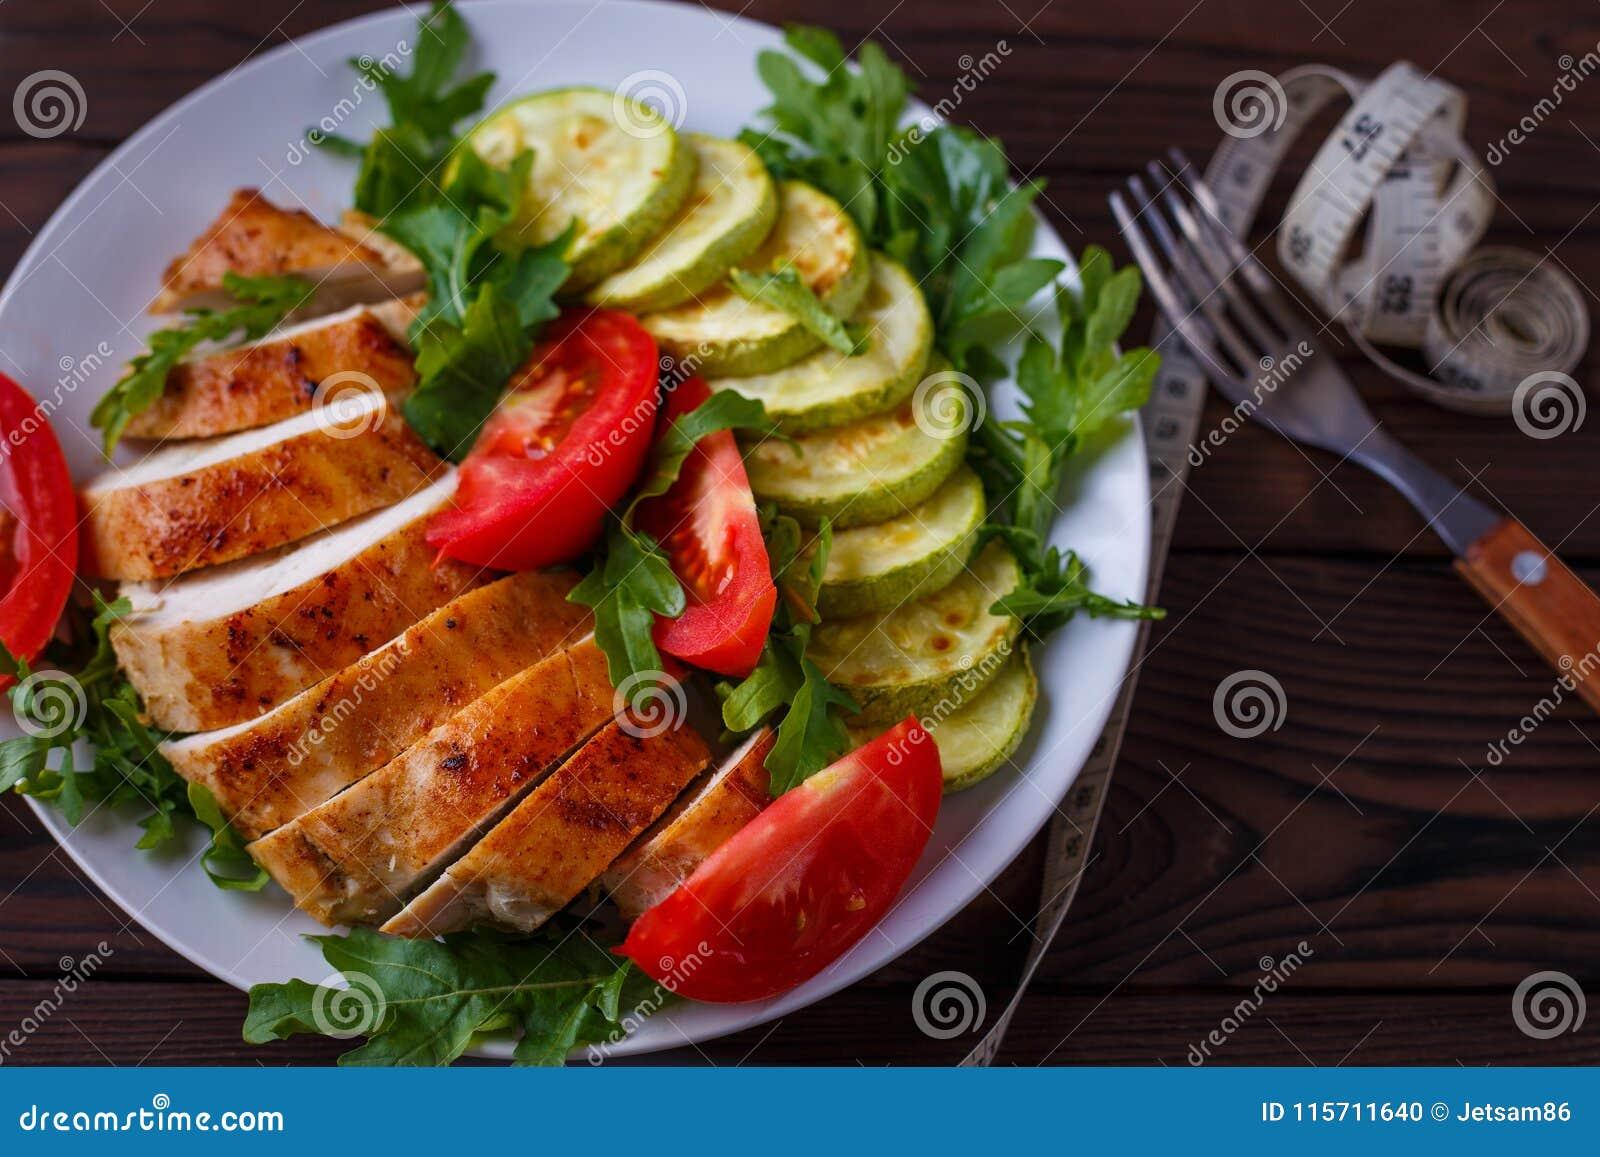 Suivez un régime le concept, mode de vie sain, nourriture faible en calories Chicke cuit au four